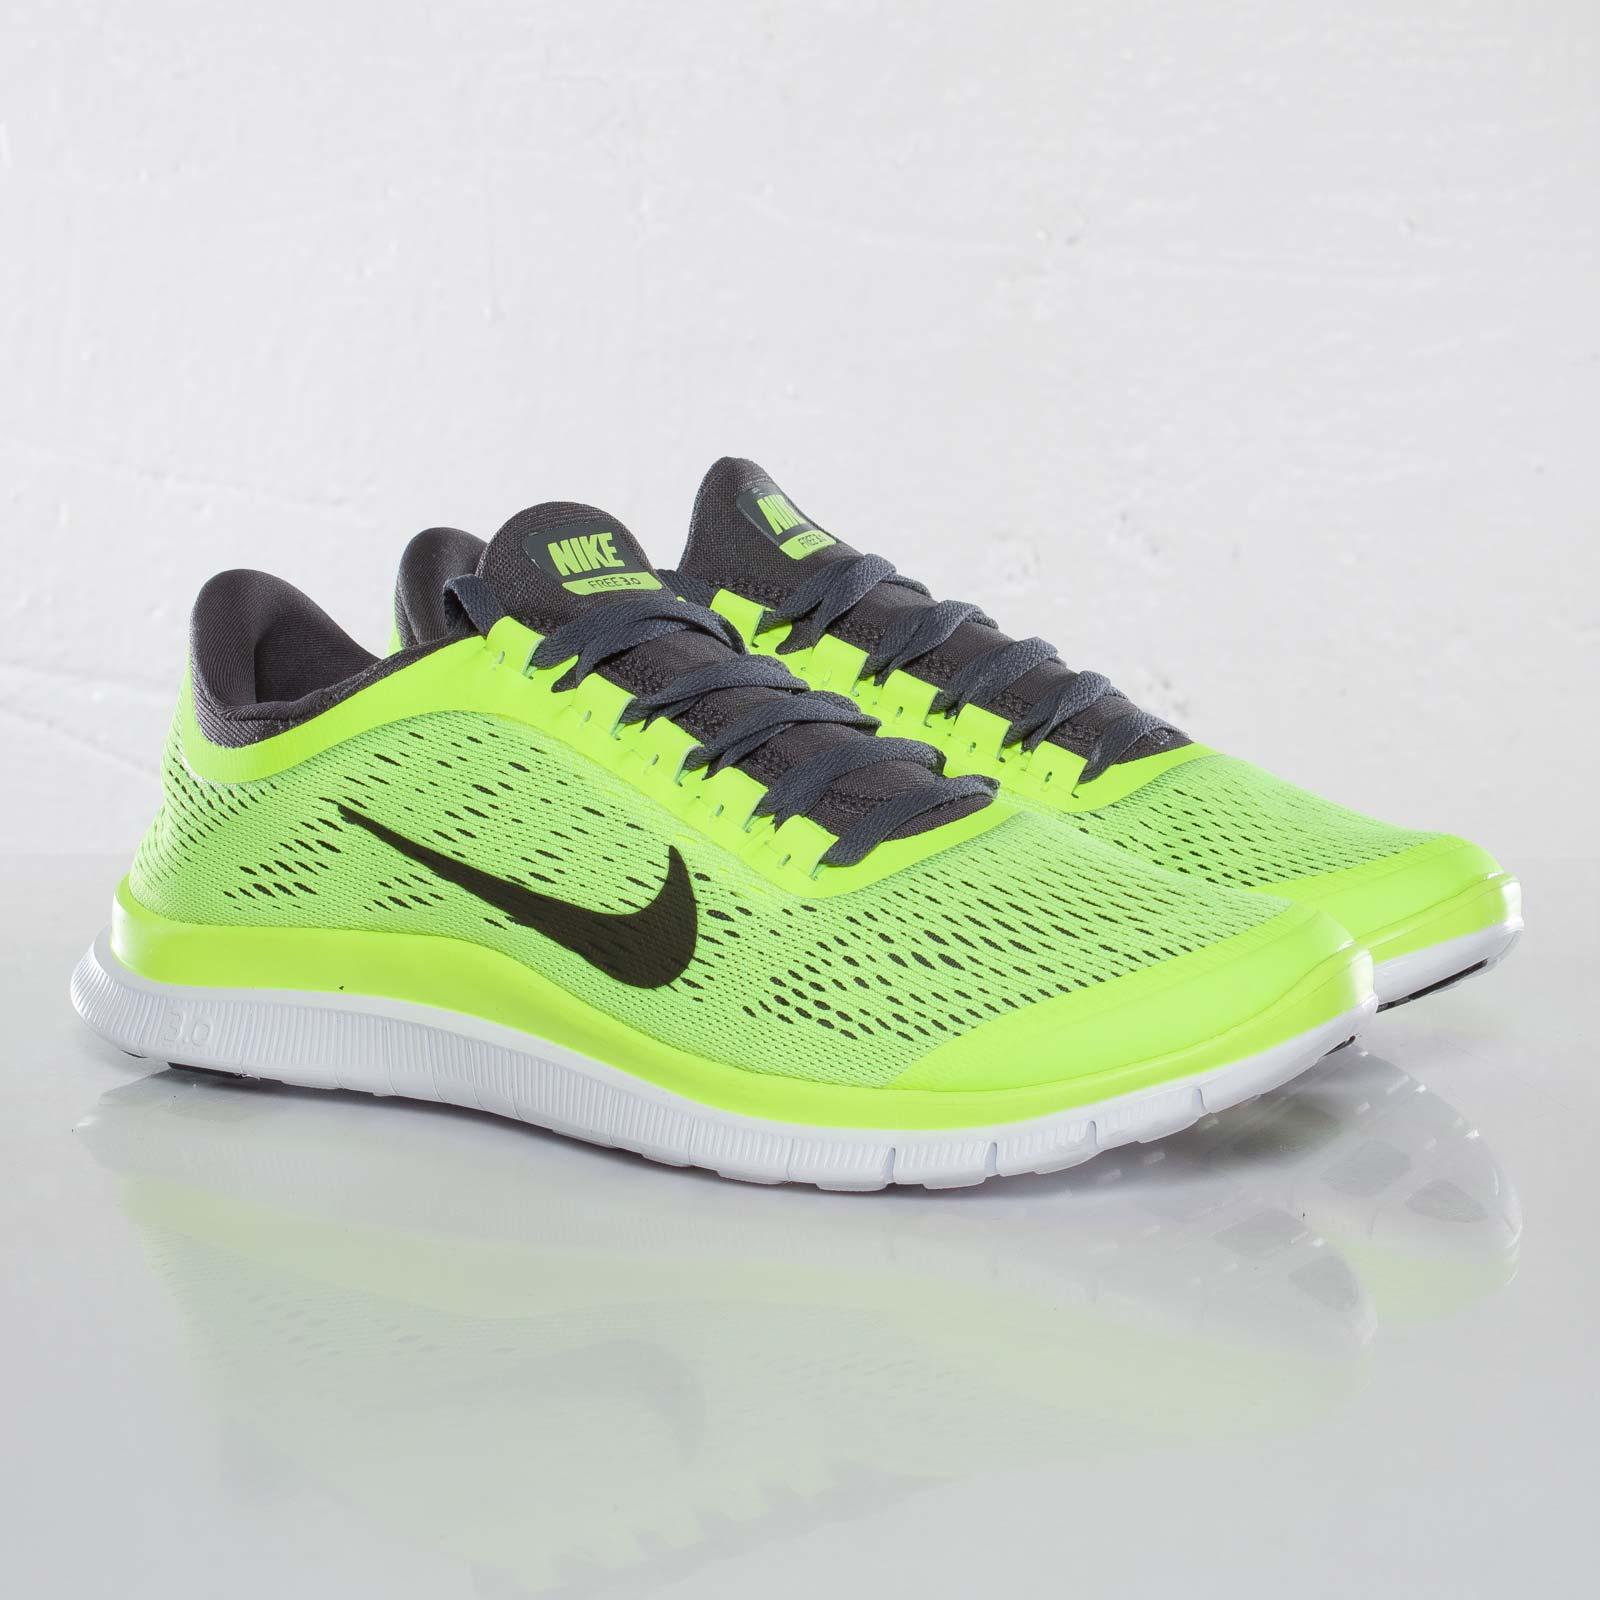 purchase cheap 3d030 05de6 Nike Free 3.0 V5 - 580393-701 - Sneakersnstuff | sneakers ...